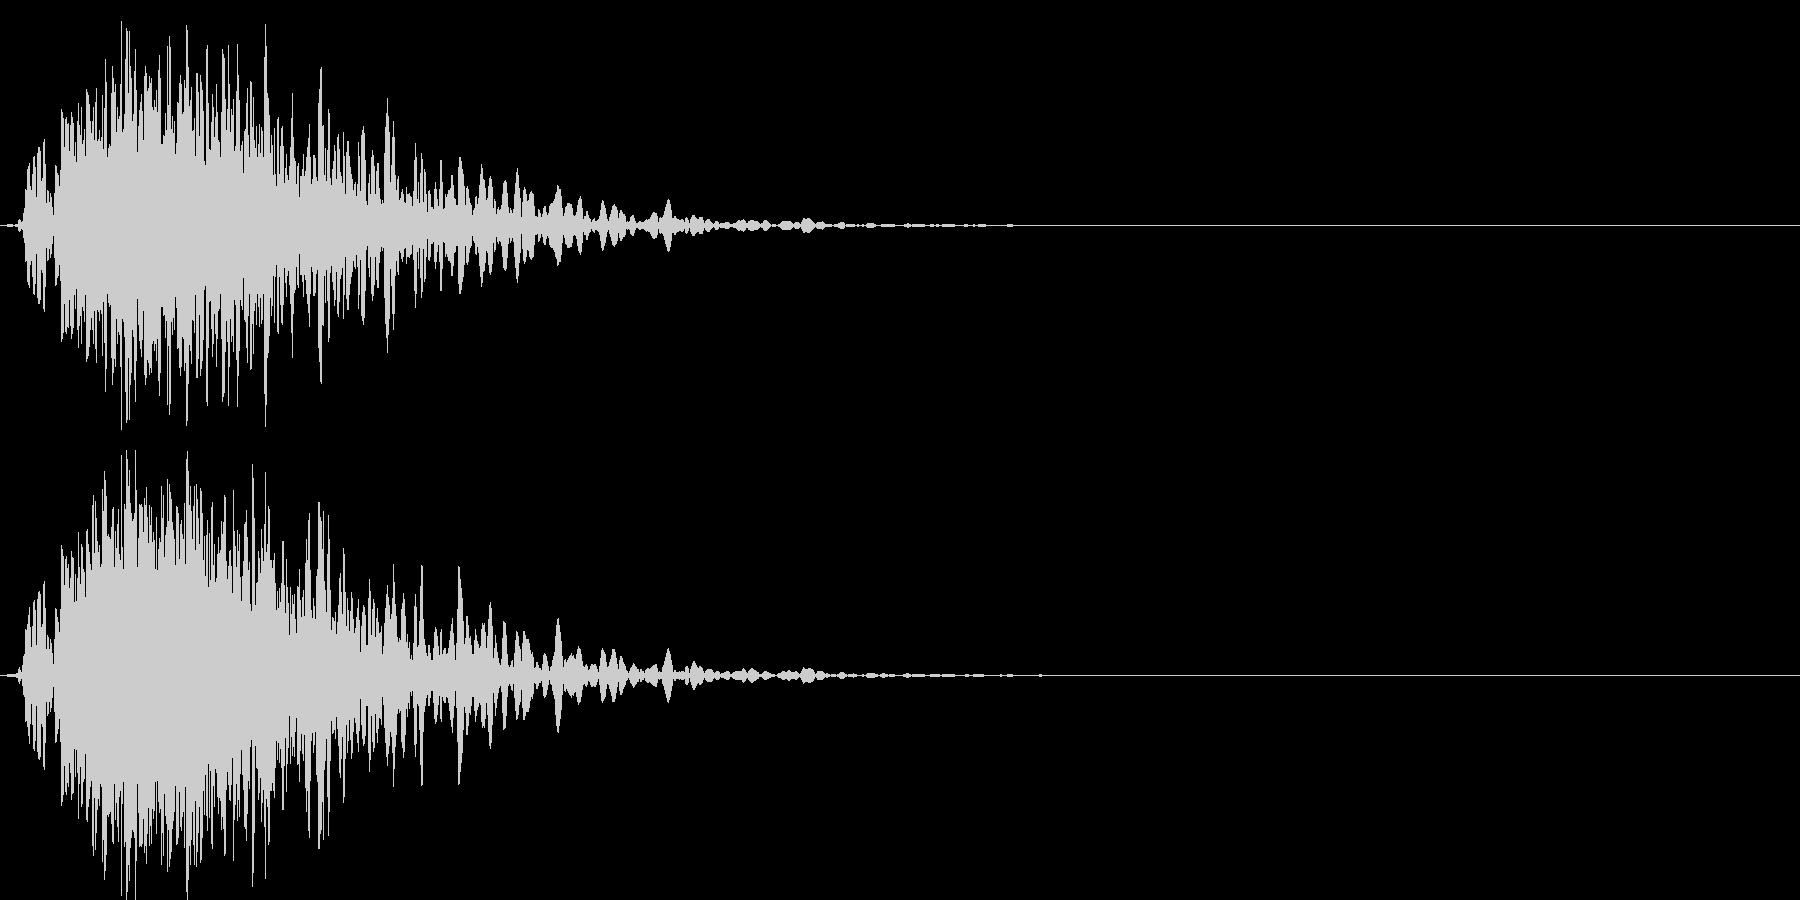 ドカーンバラバラ (爆発して壊れる音)の未再生の波形